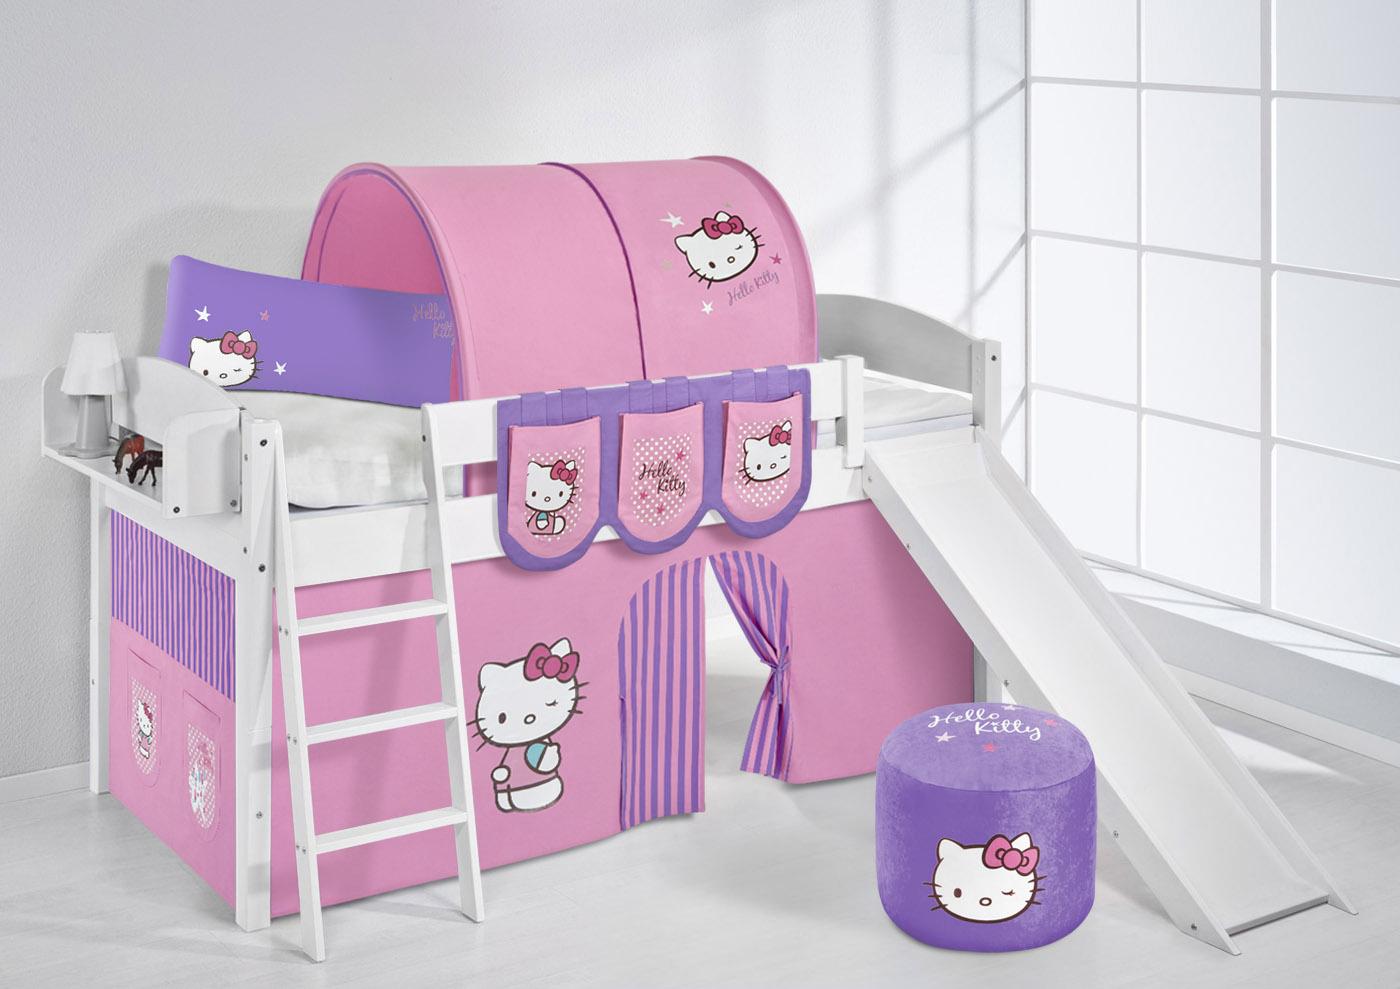 Schön Kinderbett Mit Rutsche Sammlung Von Spielbett-hochbett-kinderbett-kinder-bett-mit-rutsche-umbaubar-